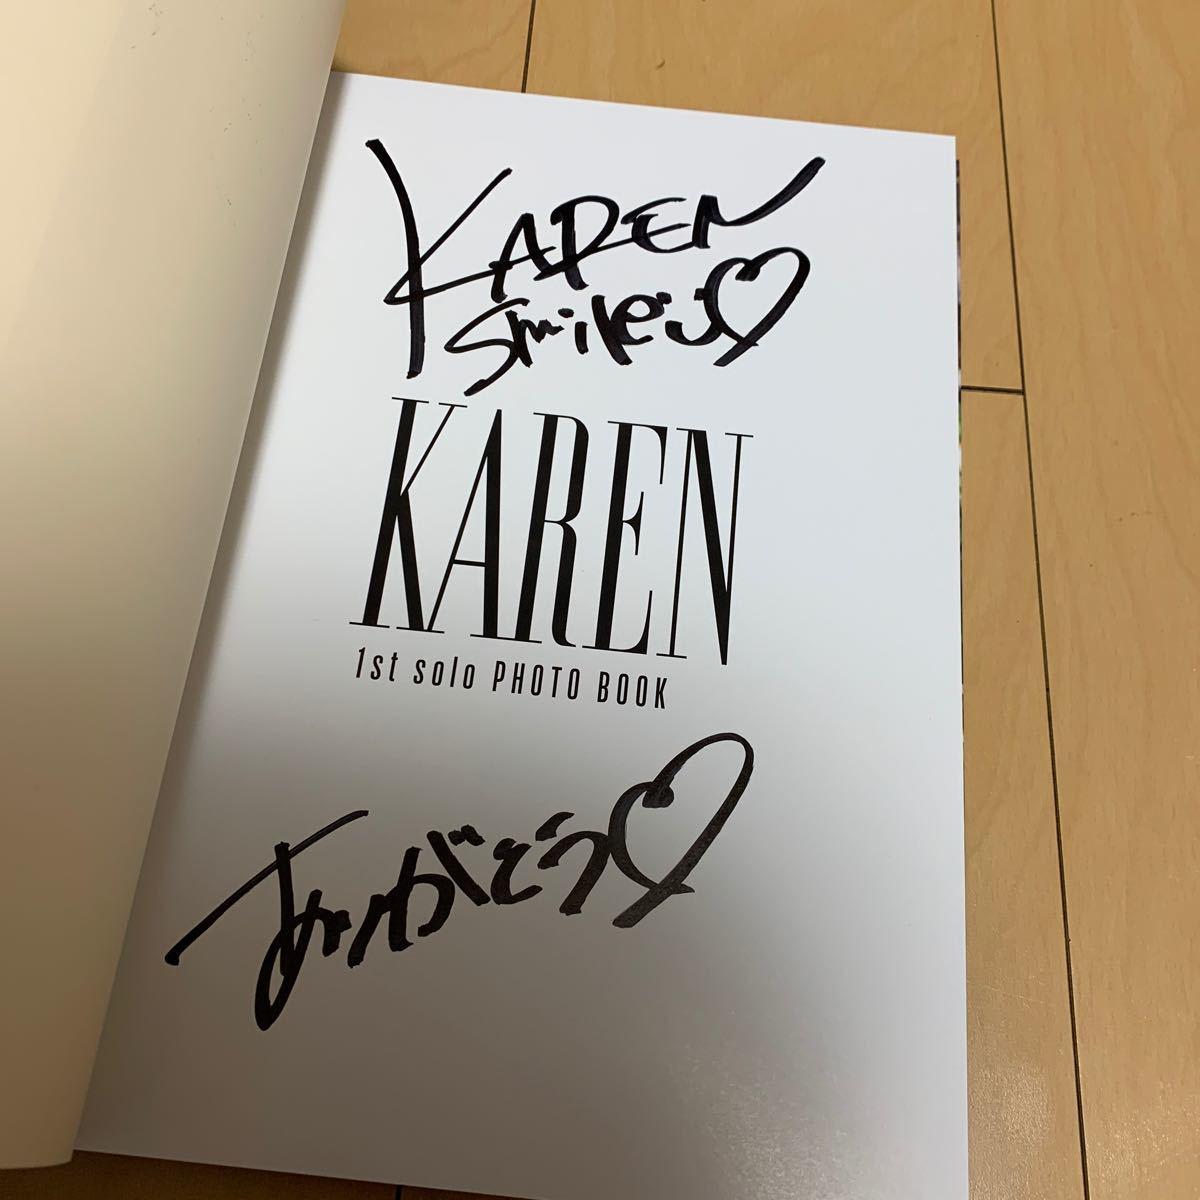 サイバージャパンダンサーズ KAREN 限定サイン会直筆サイン 写真集